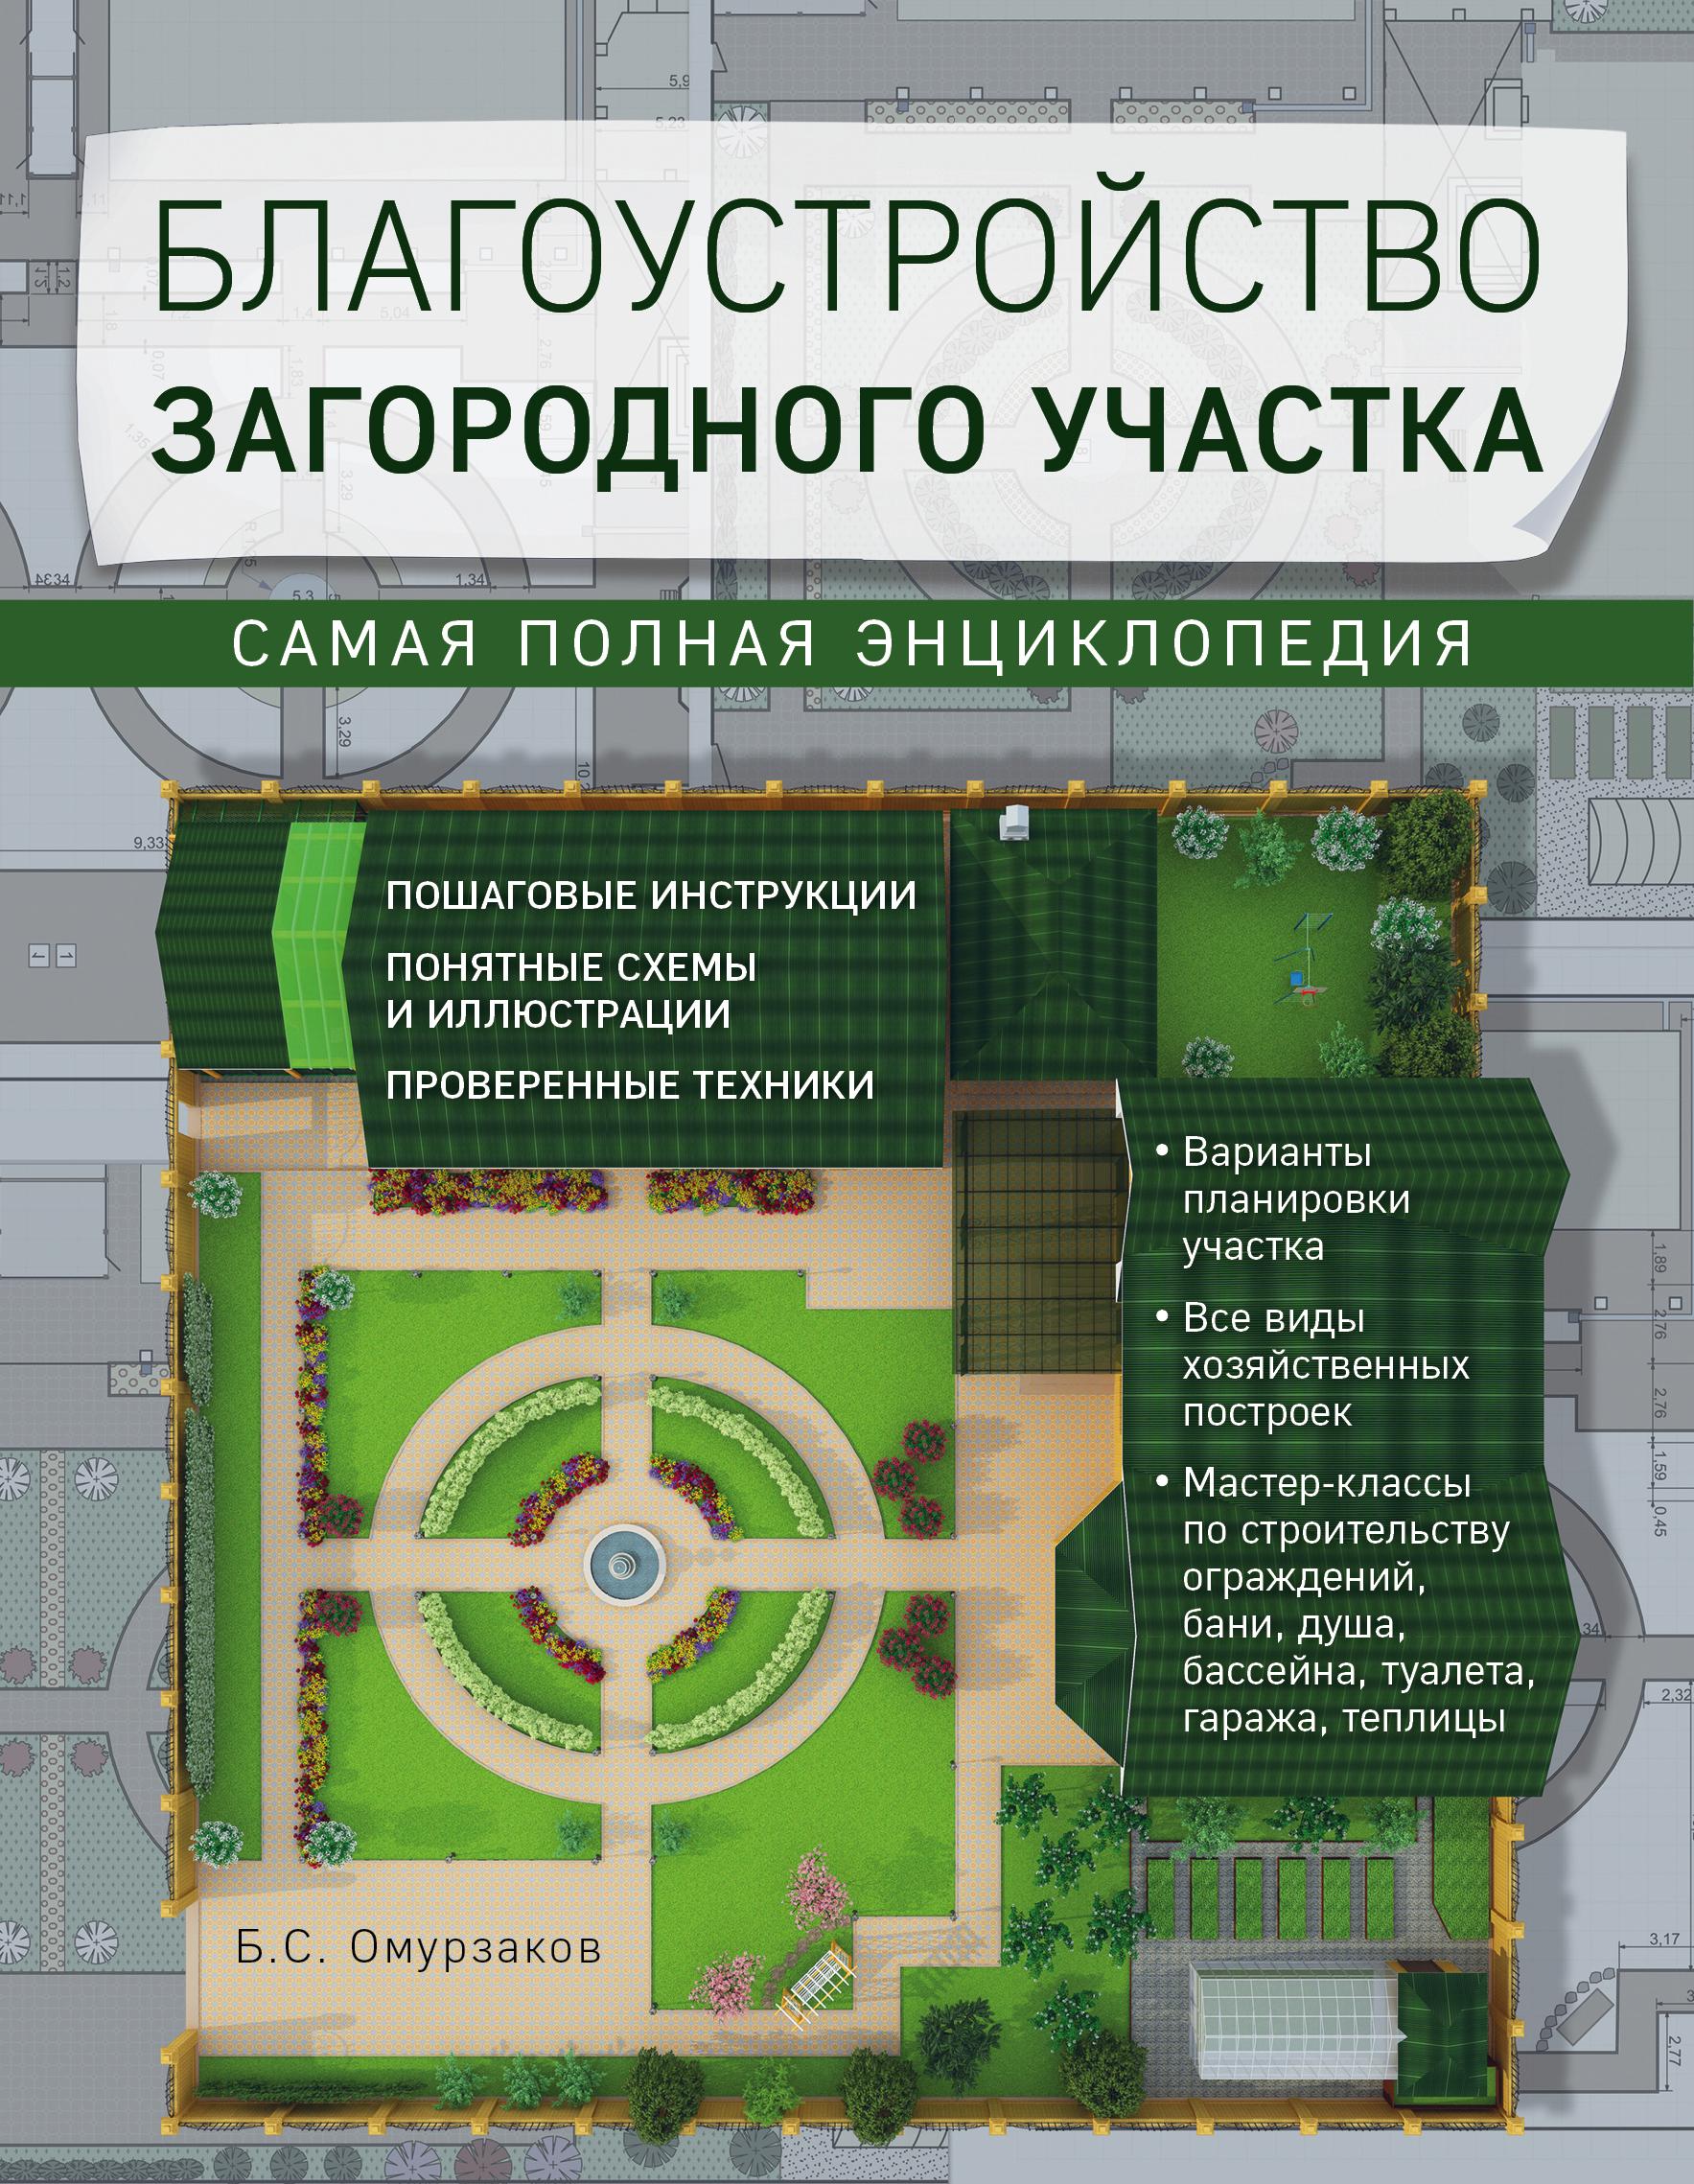 Благоустройство загородного участка. Самая полная энциклопедия